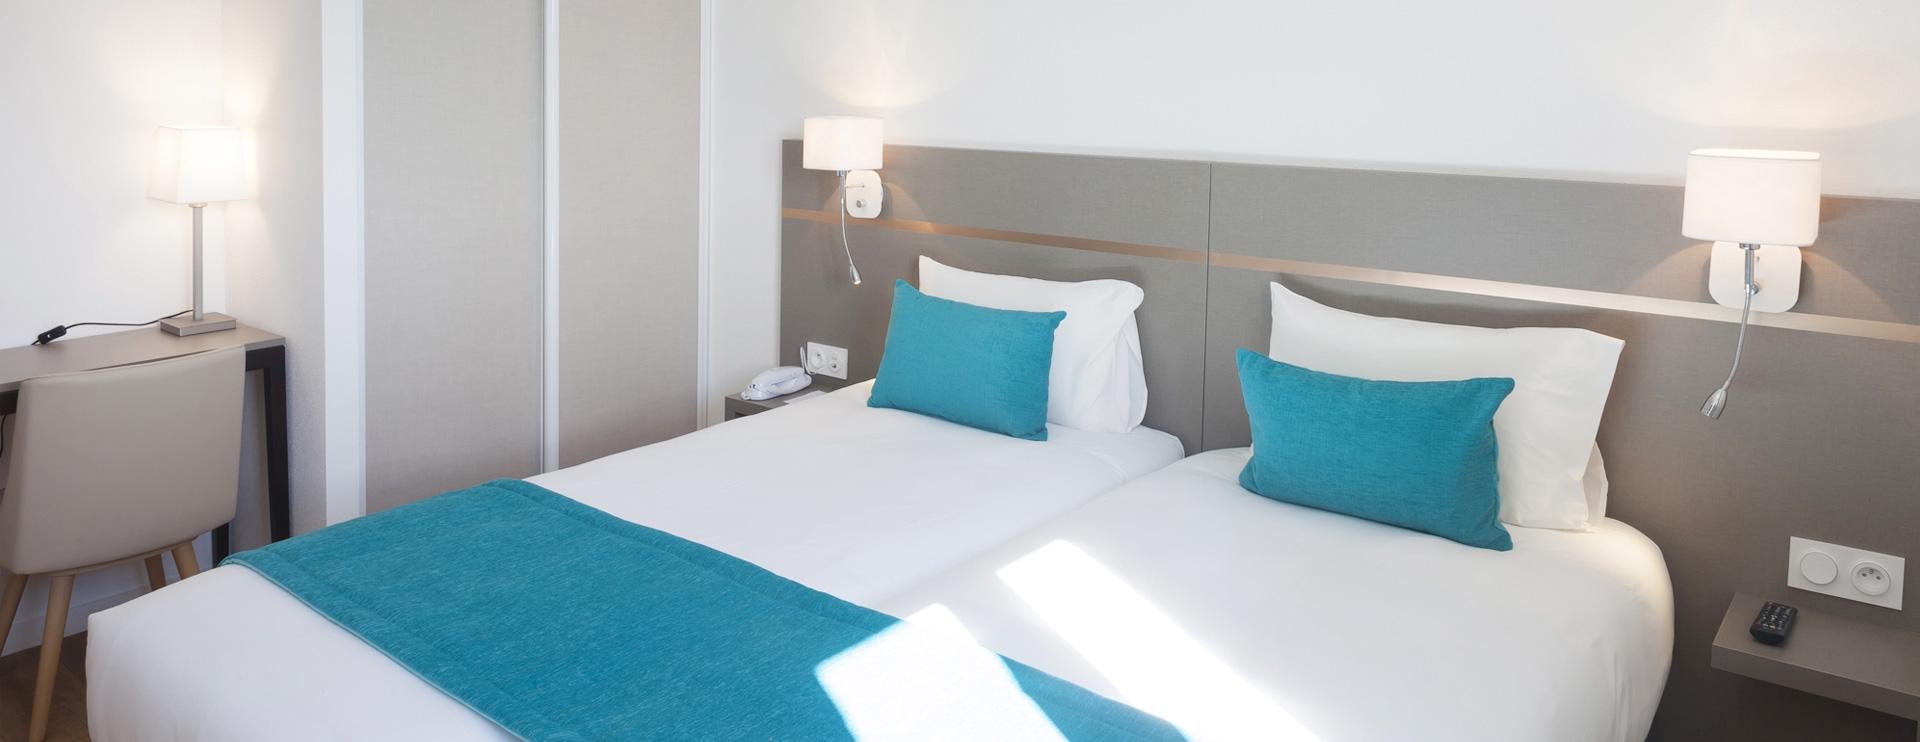 Chambre hôtel spa Les Rives Sauvages Haut-Doubs